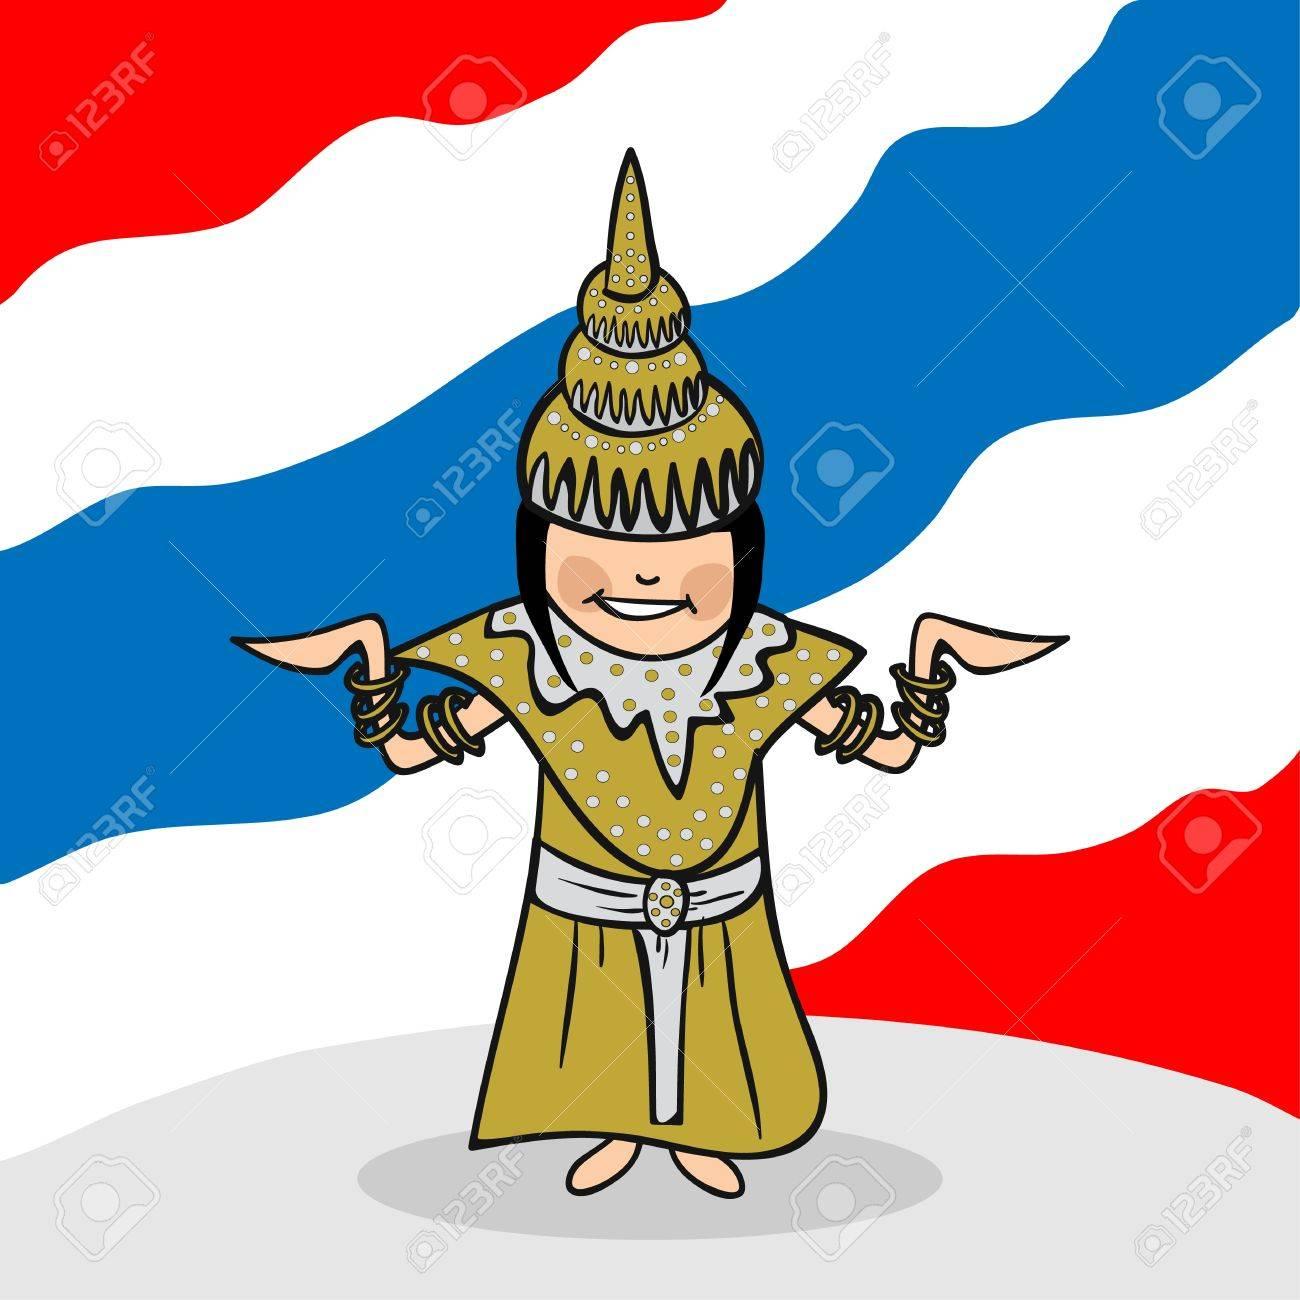 国旗の背景を持つタイの女性の漫画のカップル。ベクトル イラストの簡単な編集の層します。